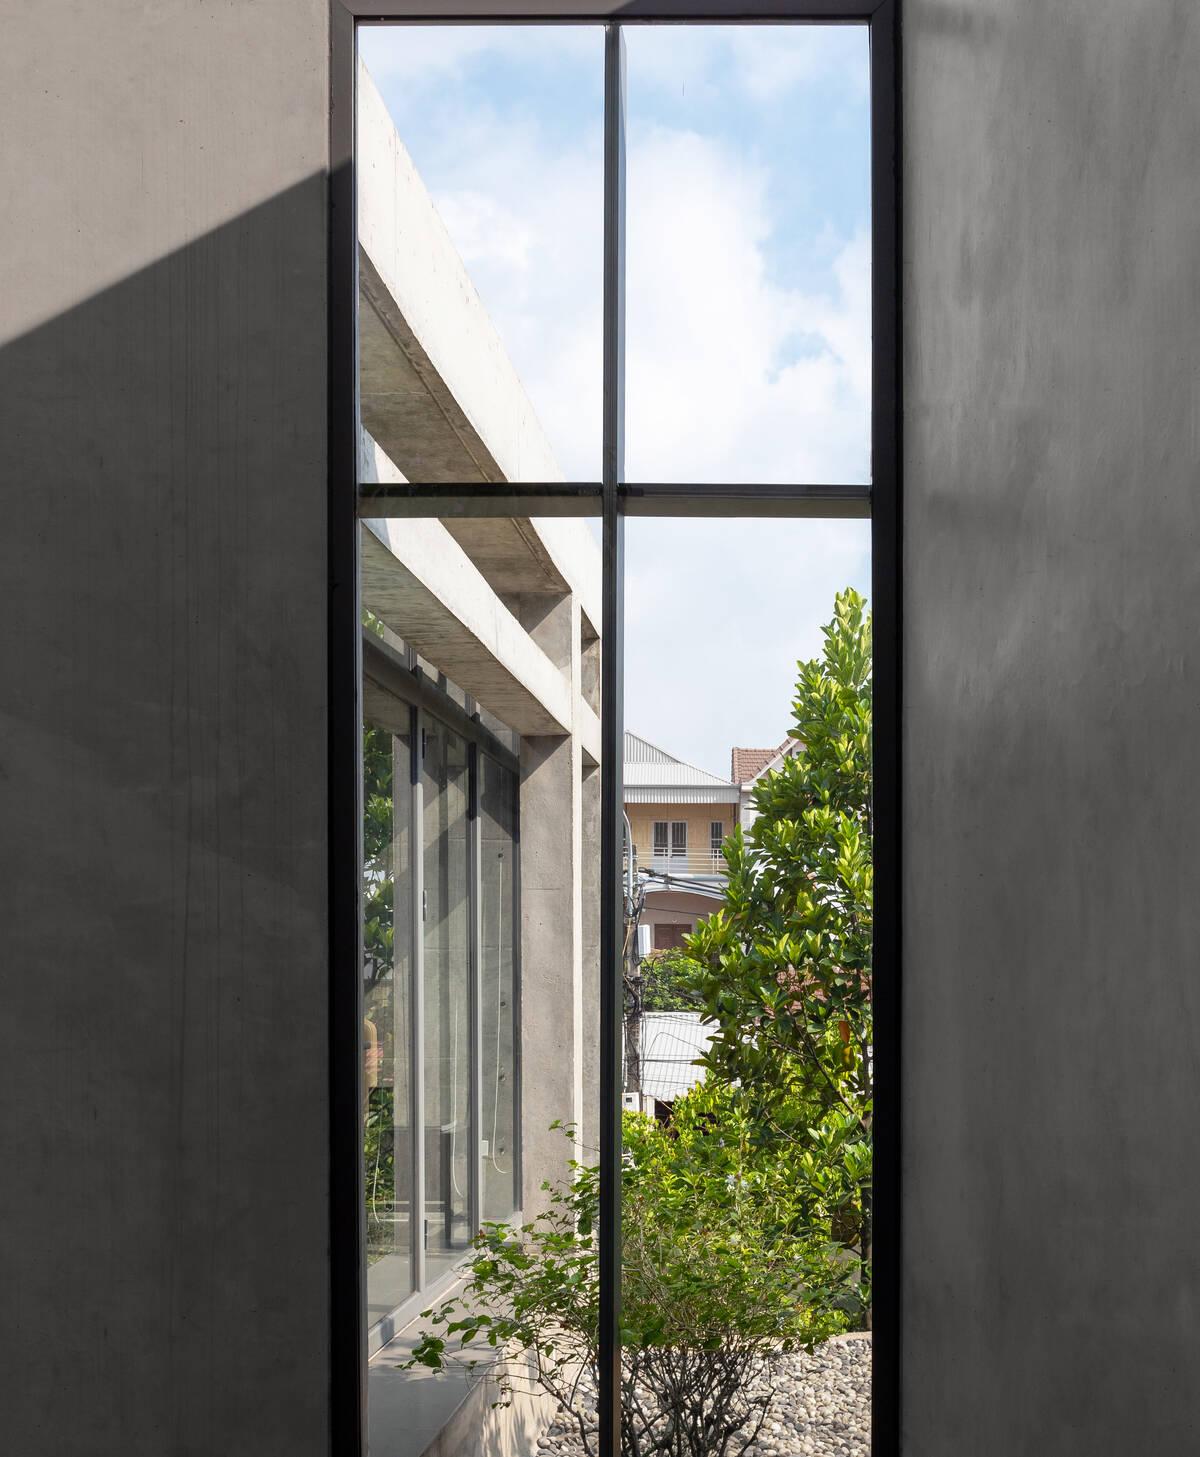 Cửa sổ kính được mở ở các mặt bên của công trình để giảm thiểu lượng nhiệt chính hướng Tây